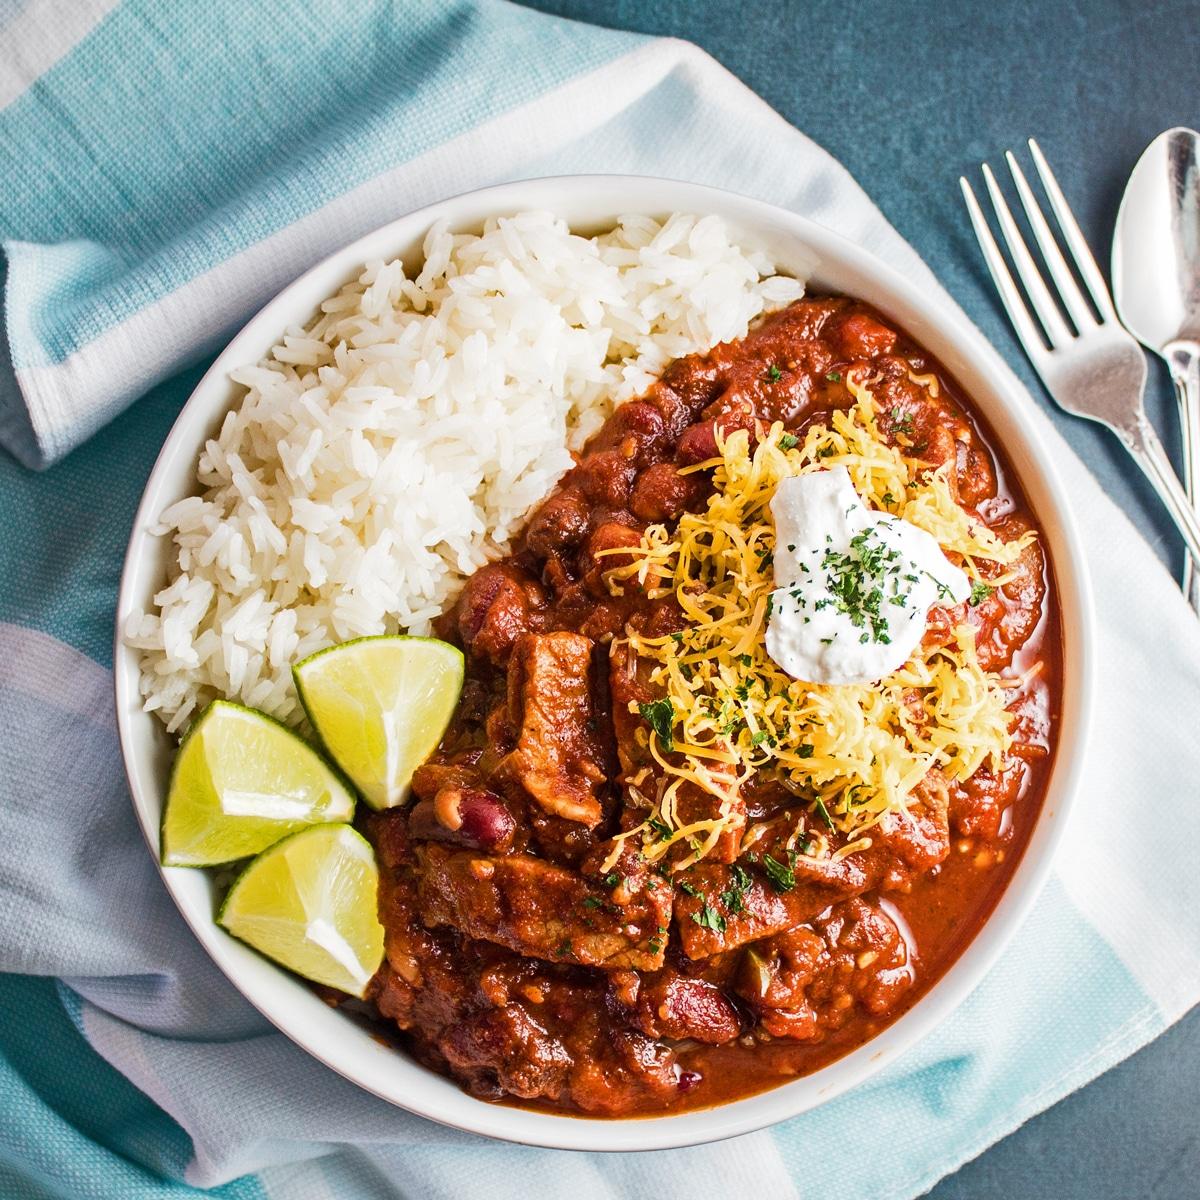 großer quadratischer Kopf von Prime Rib Chili, serviert mit Reis in einer weißen Schüssel.